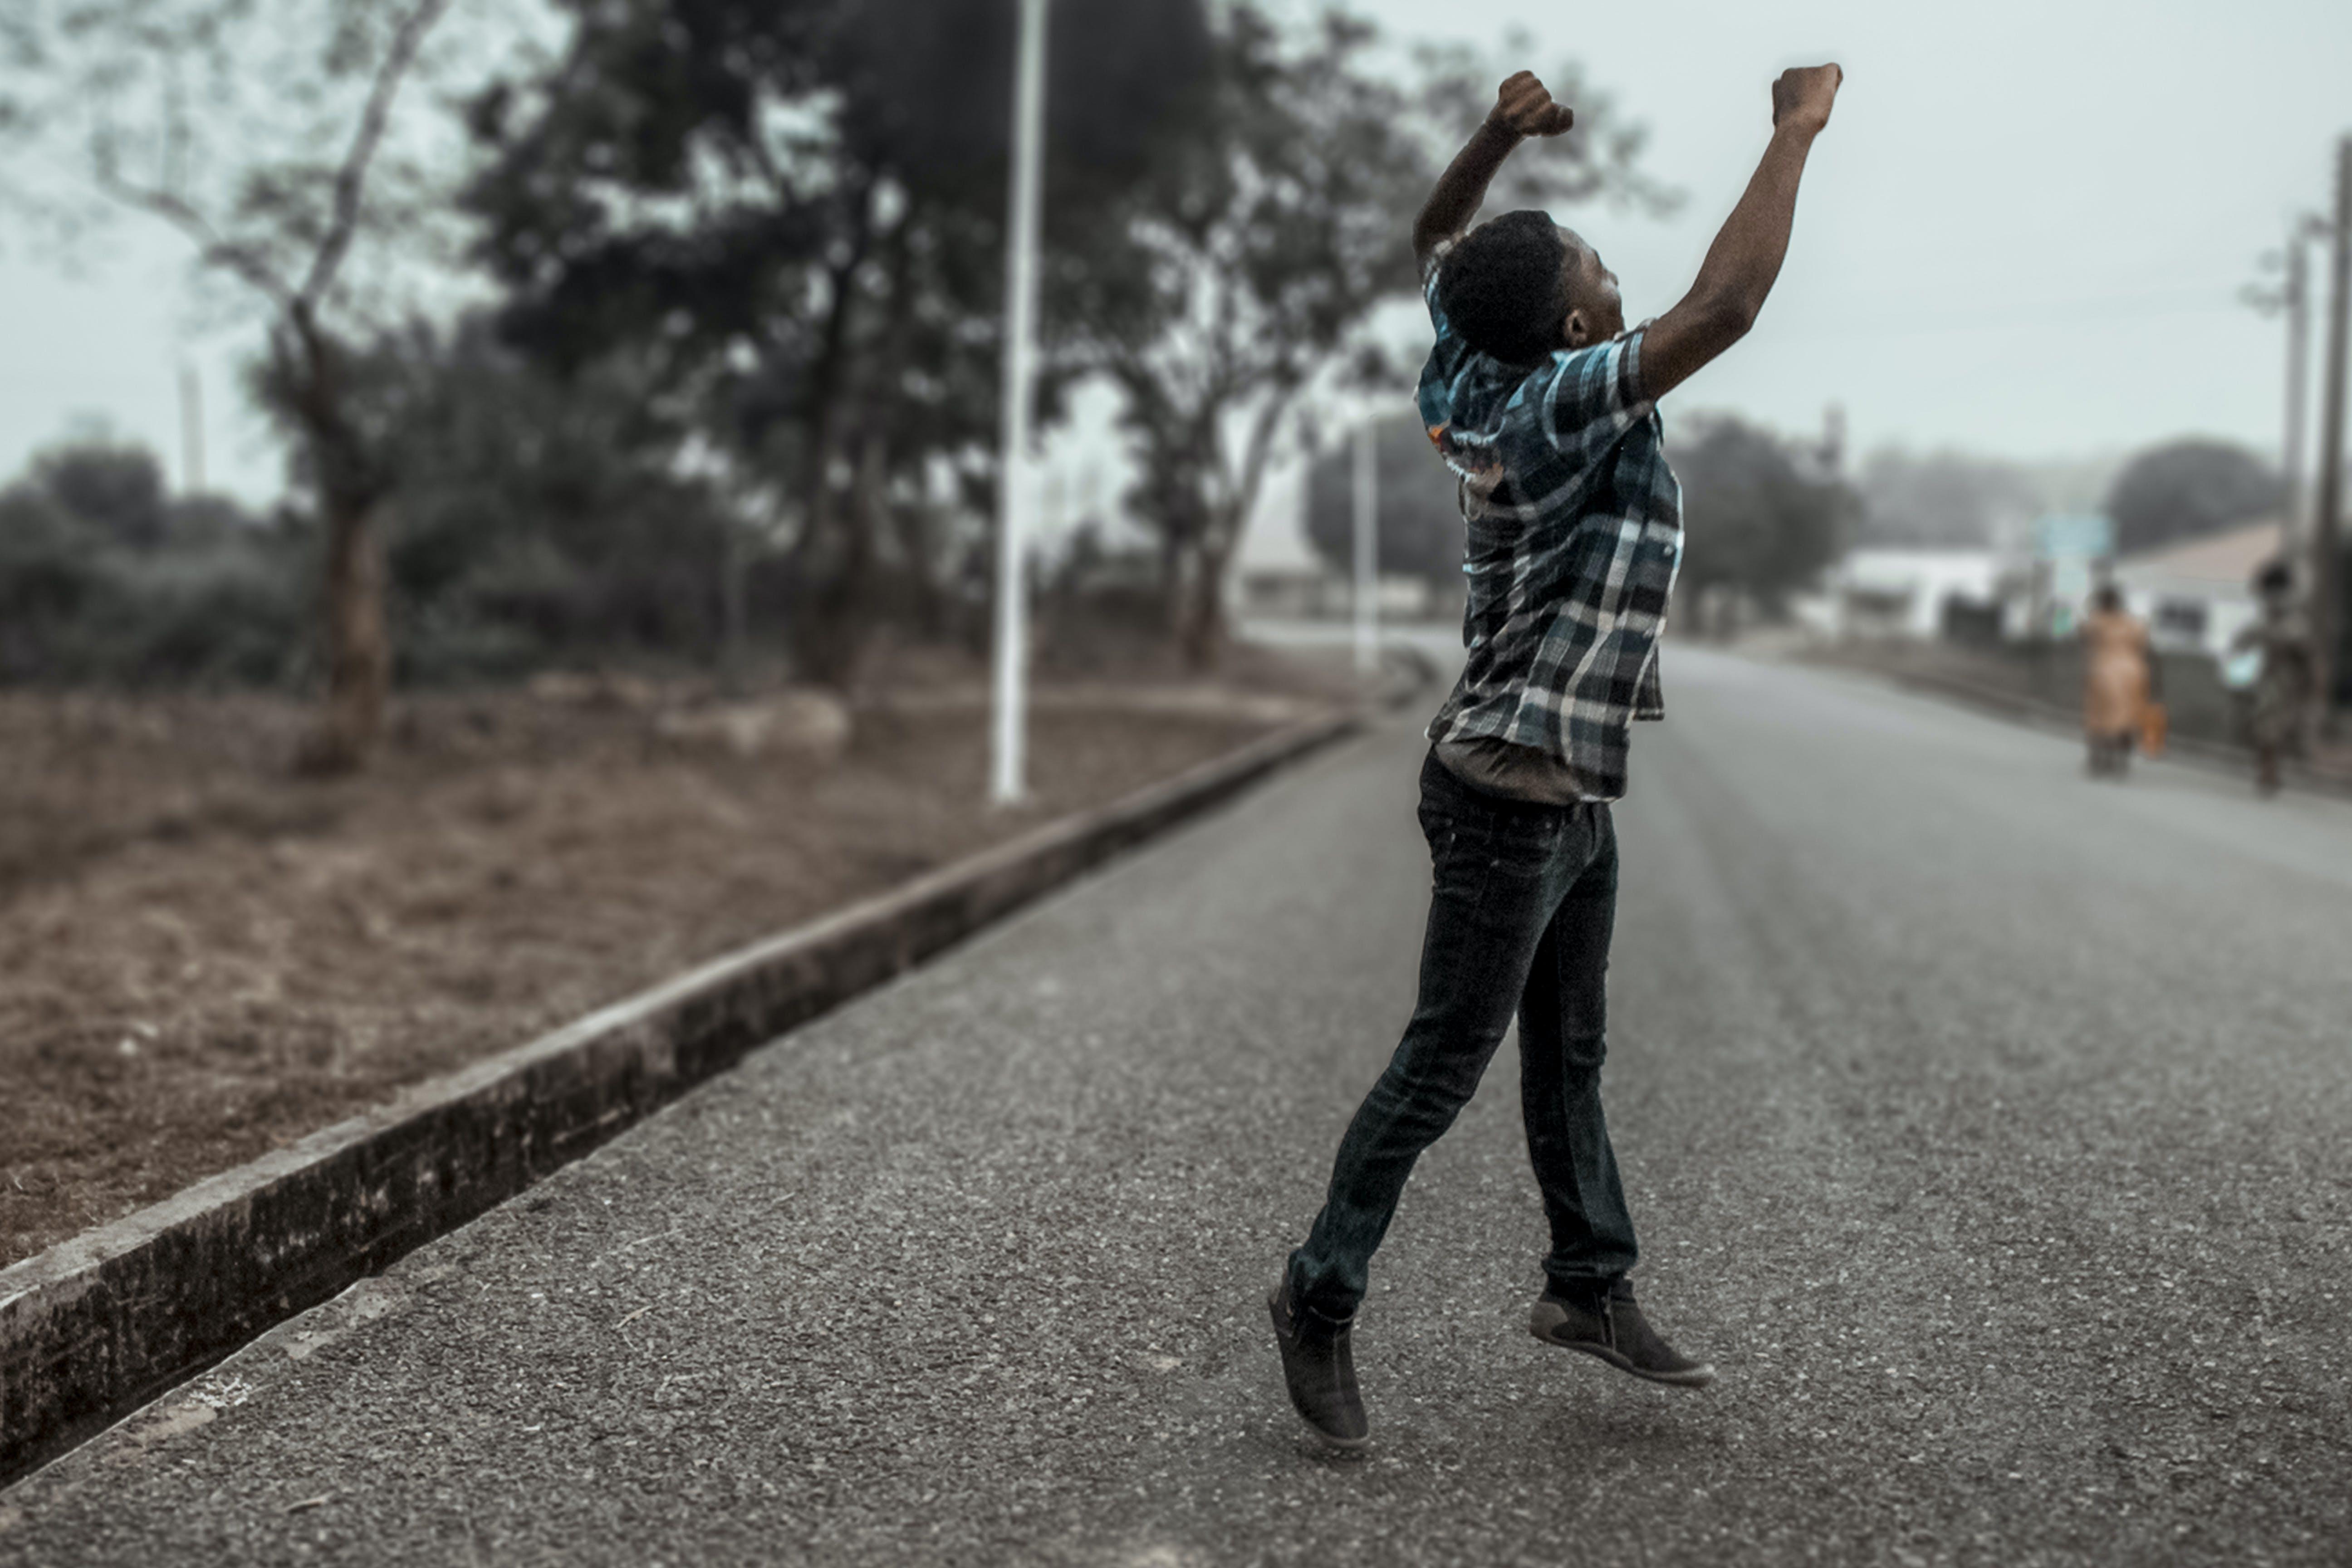 Δωρεάν στοκ φωτογραφιών με ghana, kpando, αιωρούμαι, Άνθρωποι